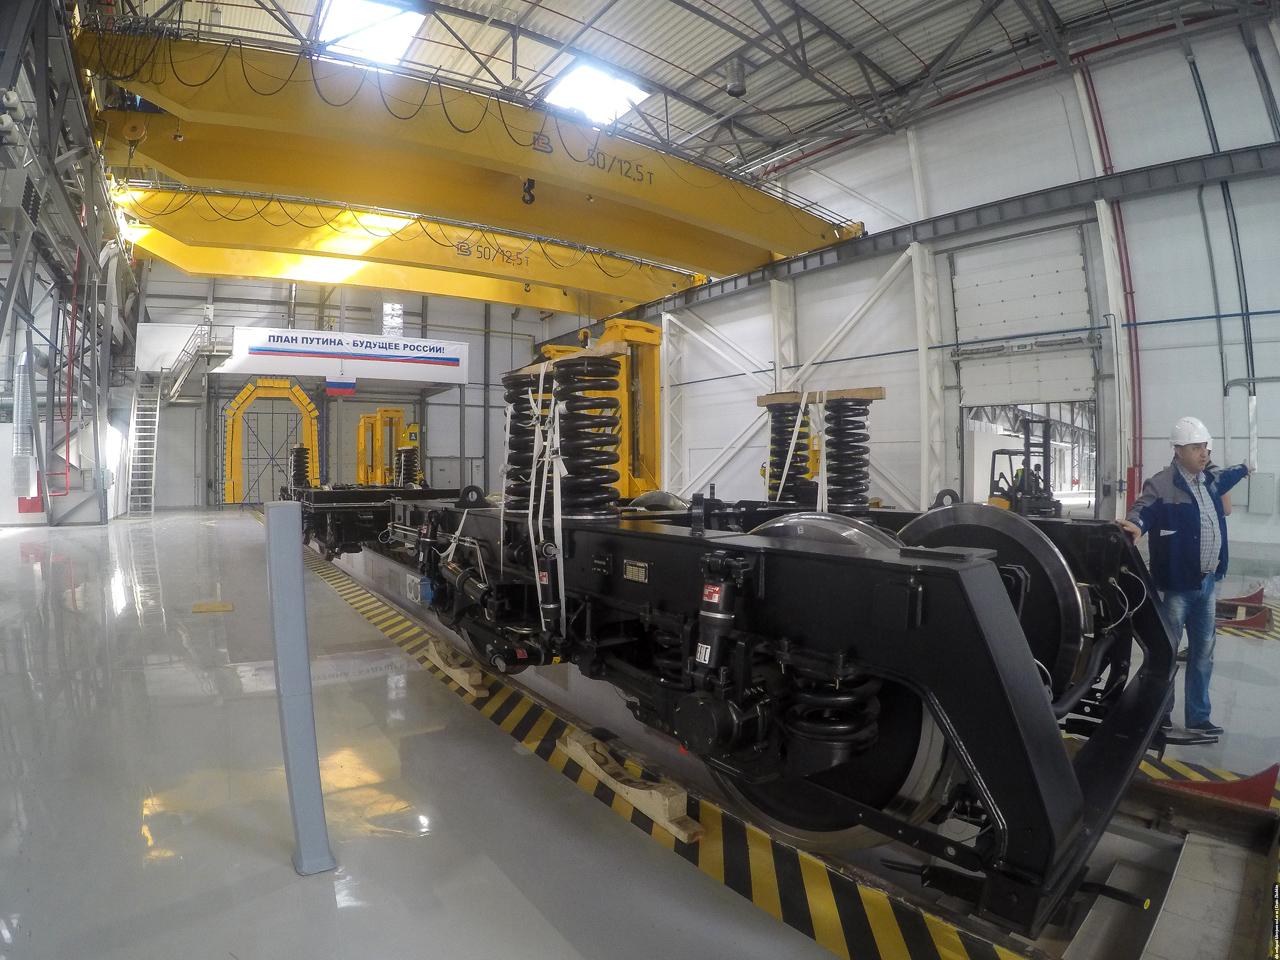 Компания первая локомотивная компания энгельс официальный сайт размещение ссылки в статье цена